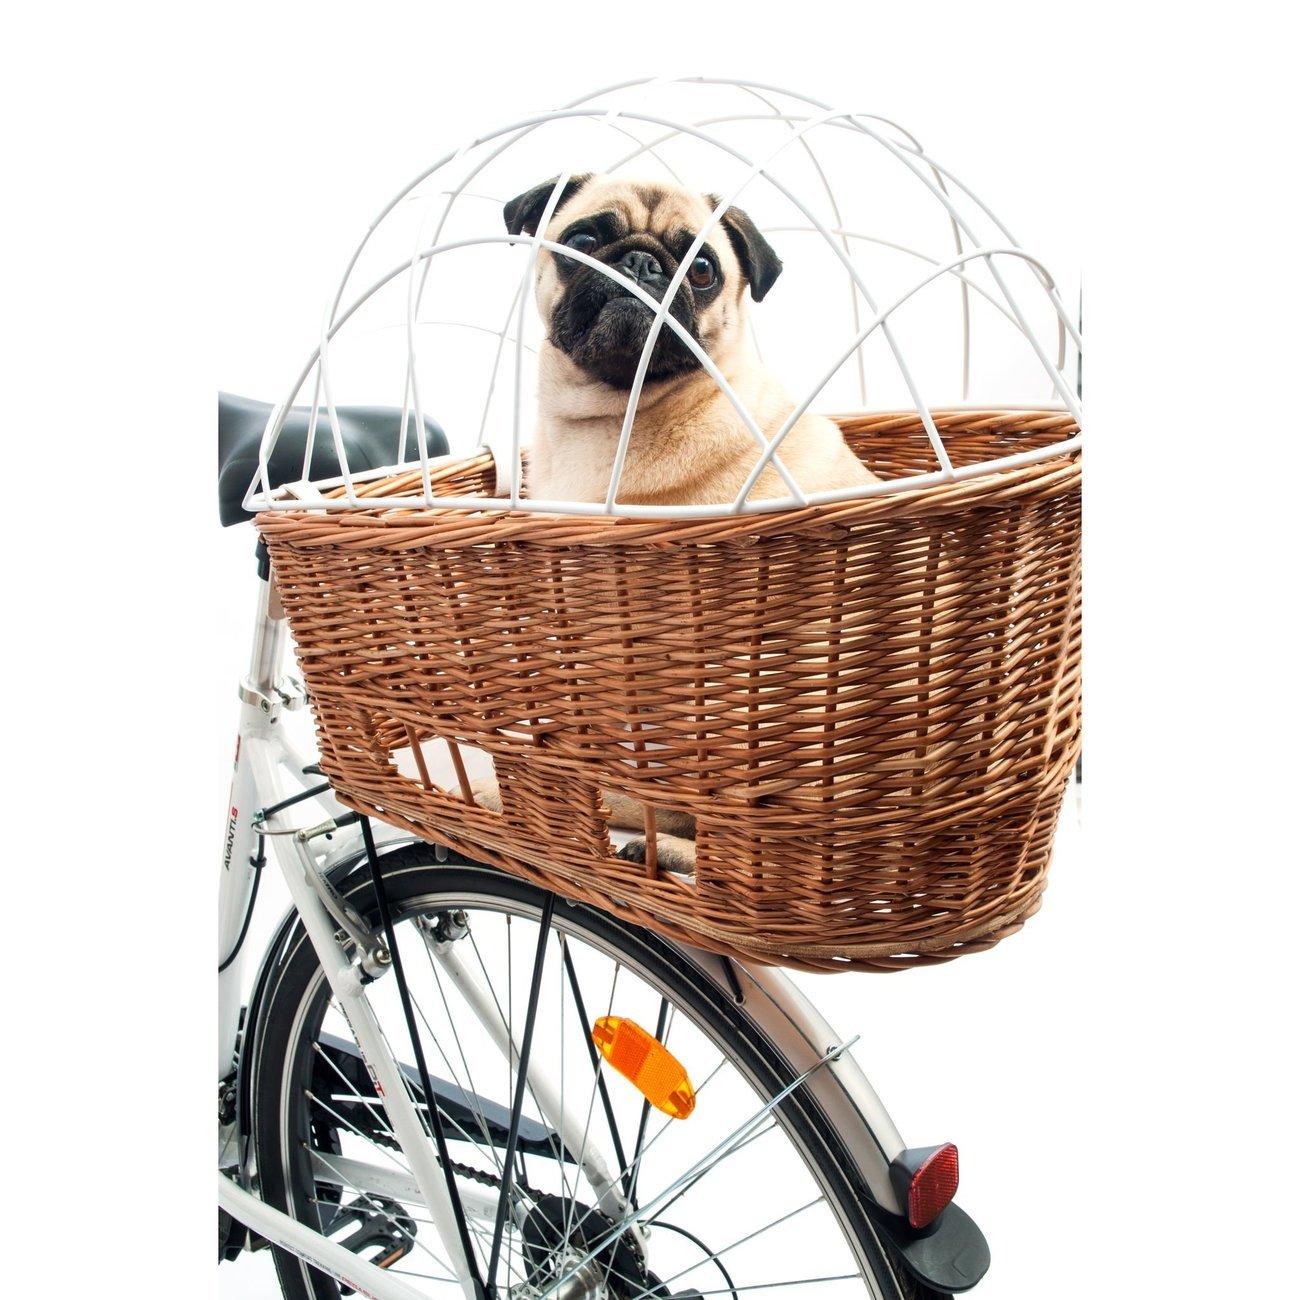 Aumüller Weiden Fahrradkorb für Hunde für Gepäckträger, 55 x 35 x 48 cm - Natur